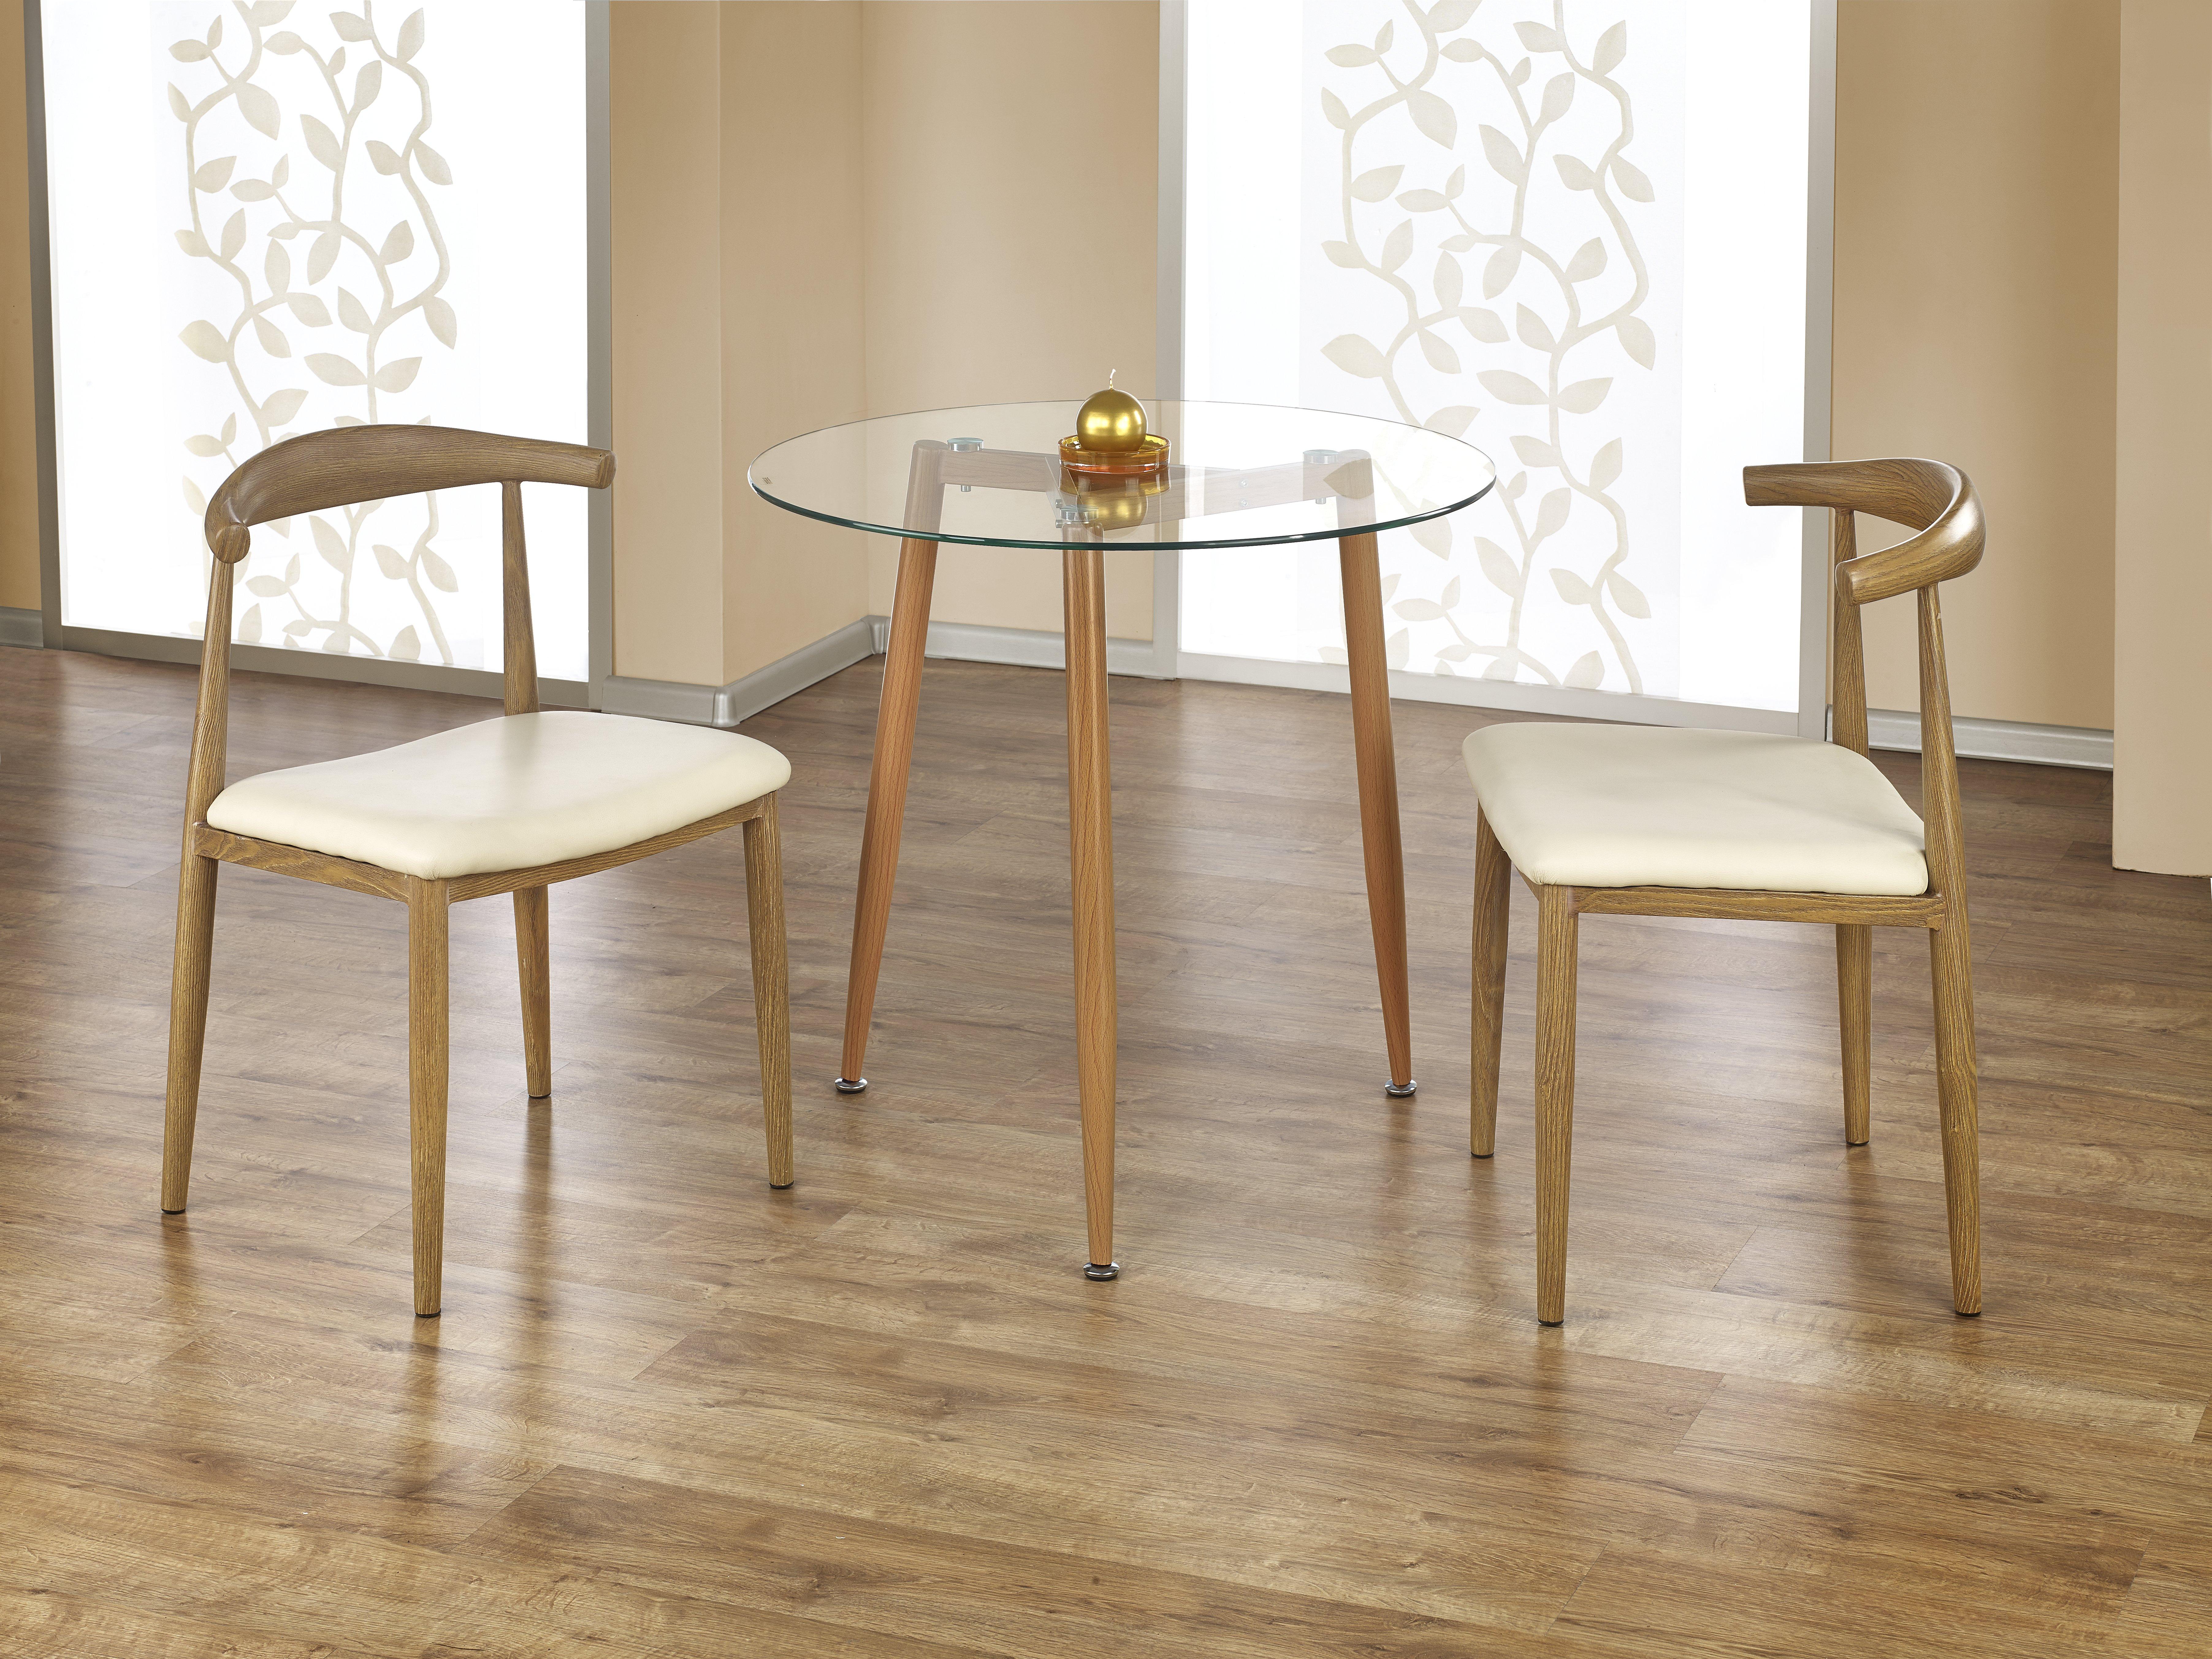 Jídelní stůl - Halmar - Ulster (kulatý) (pro 4 osoby)